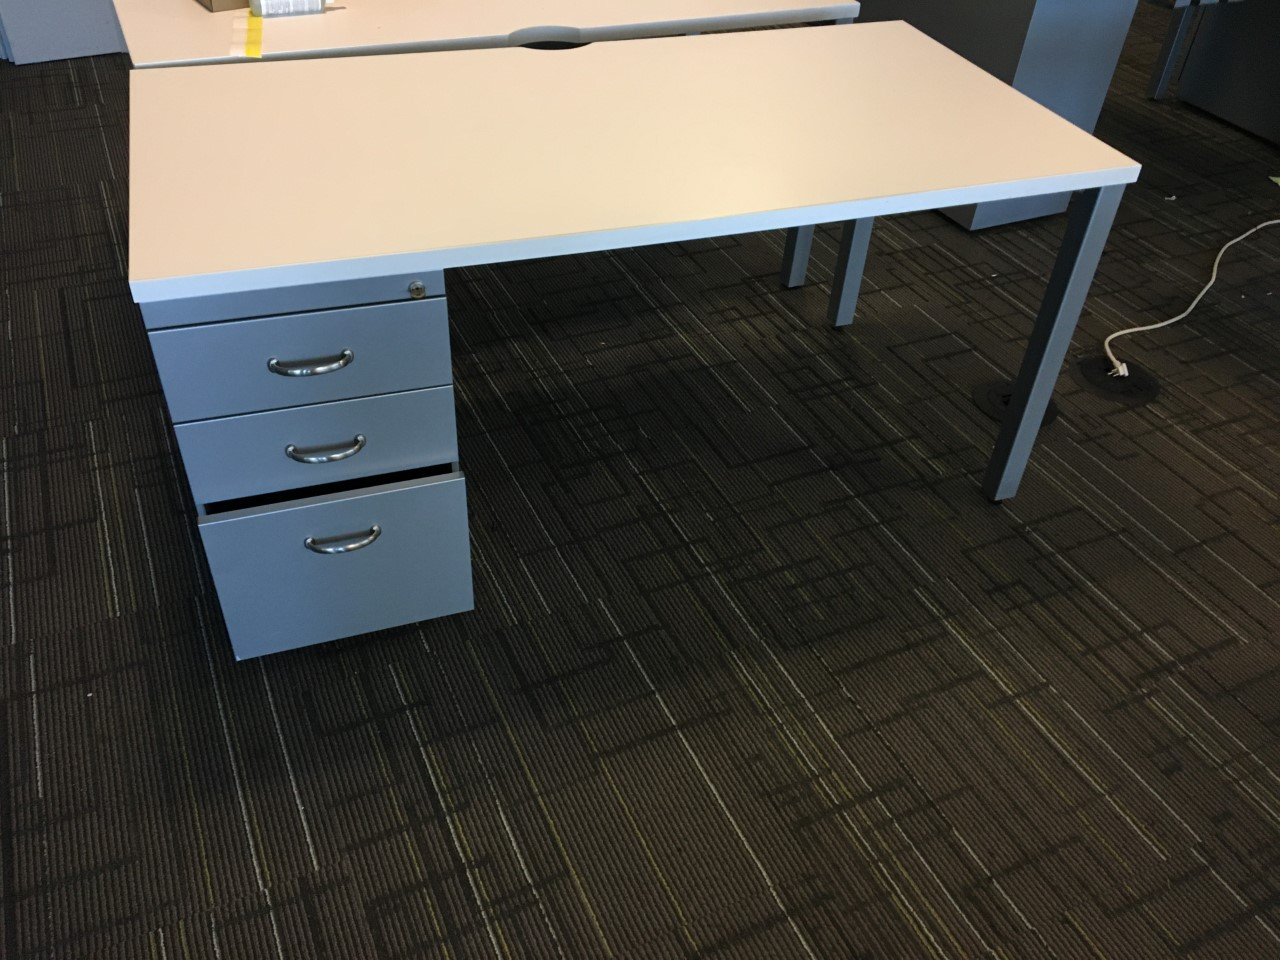 60″ X 30″ Modular Desk